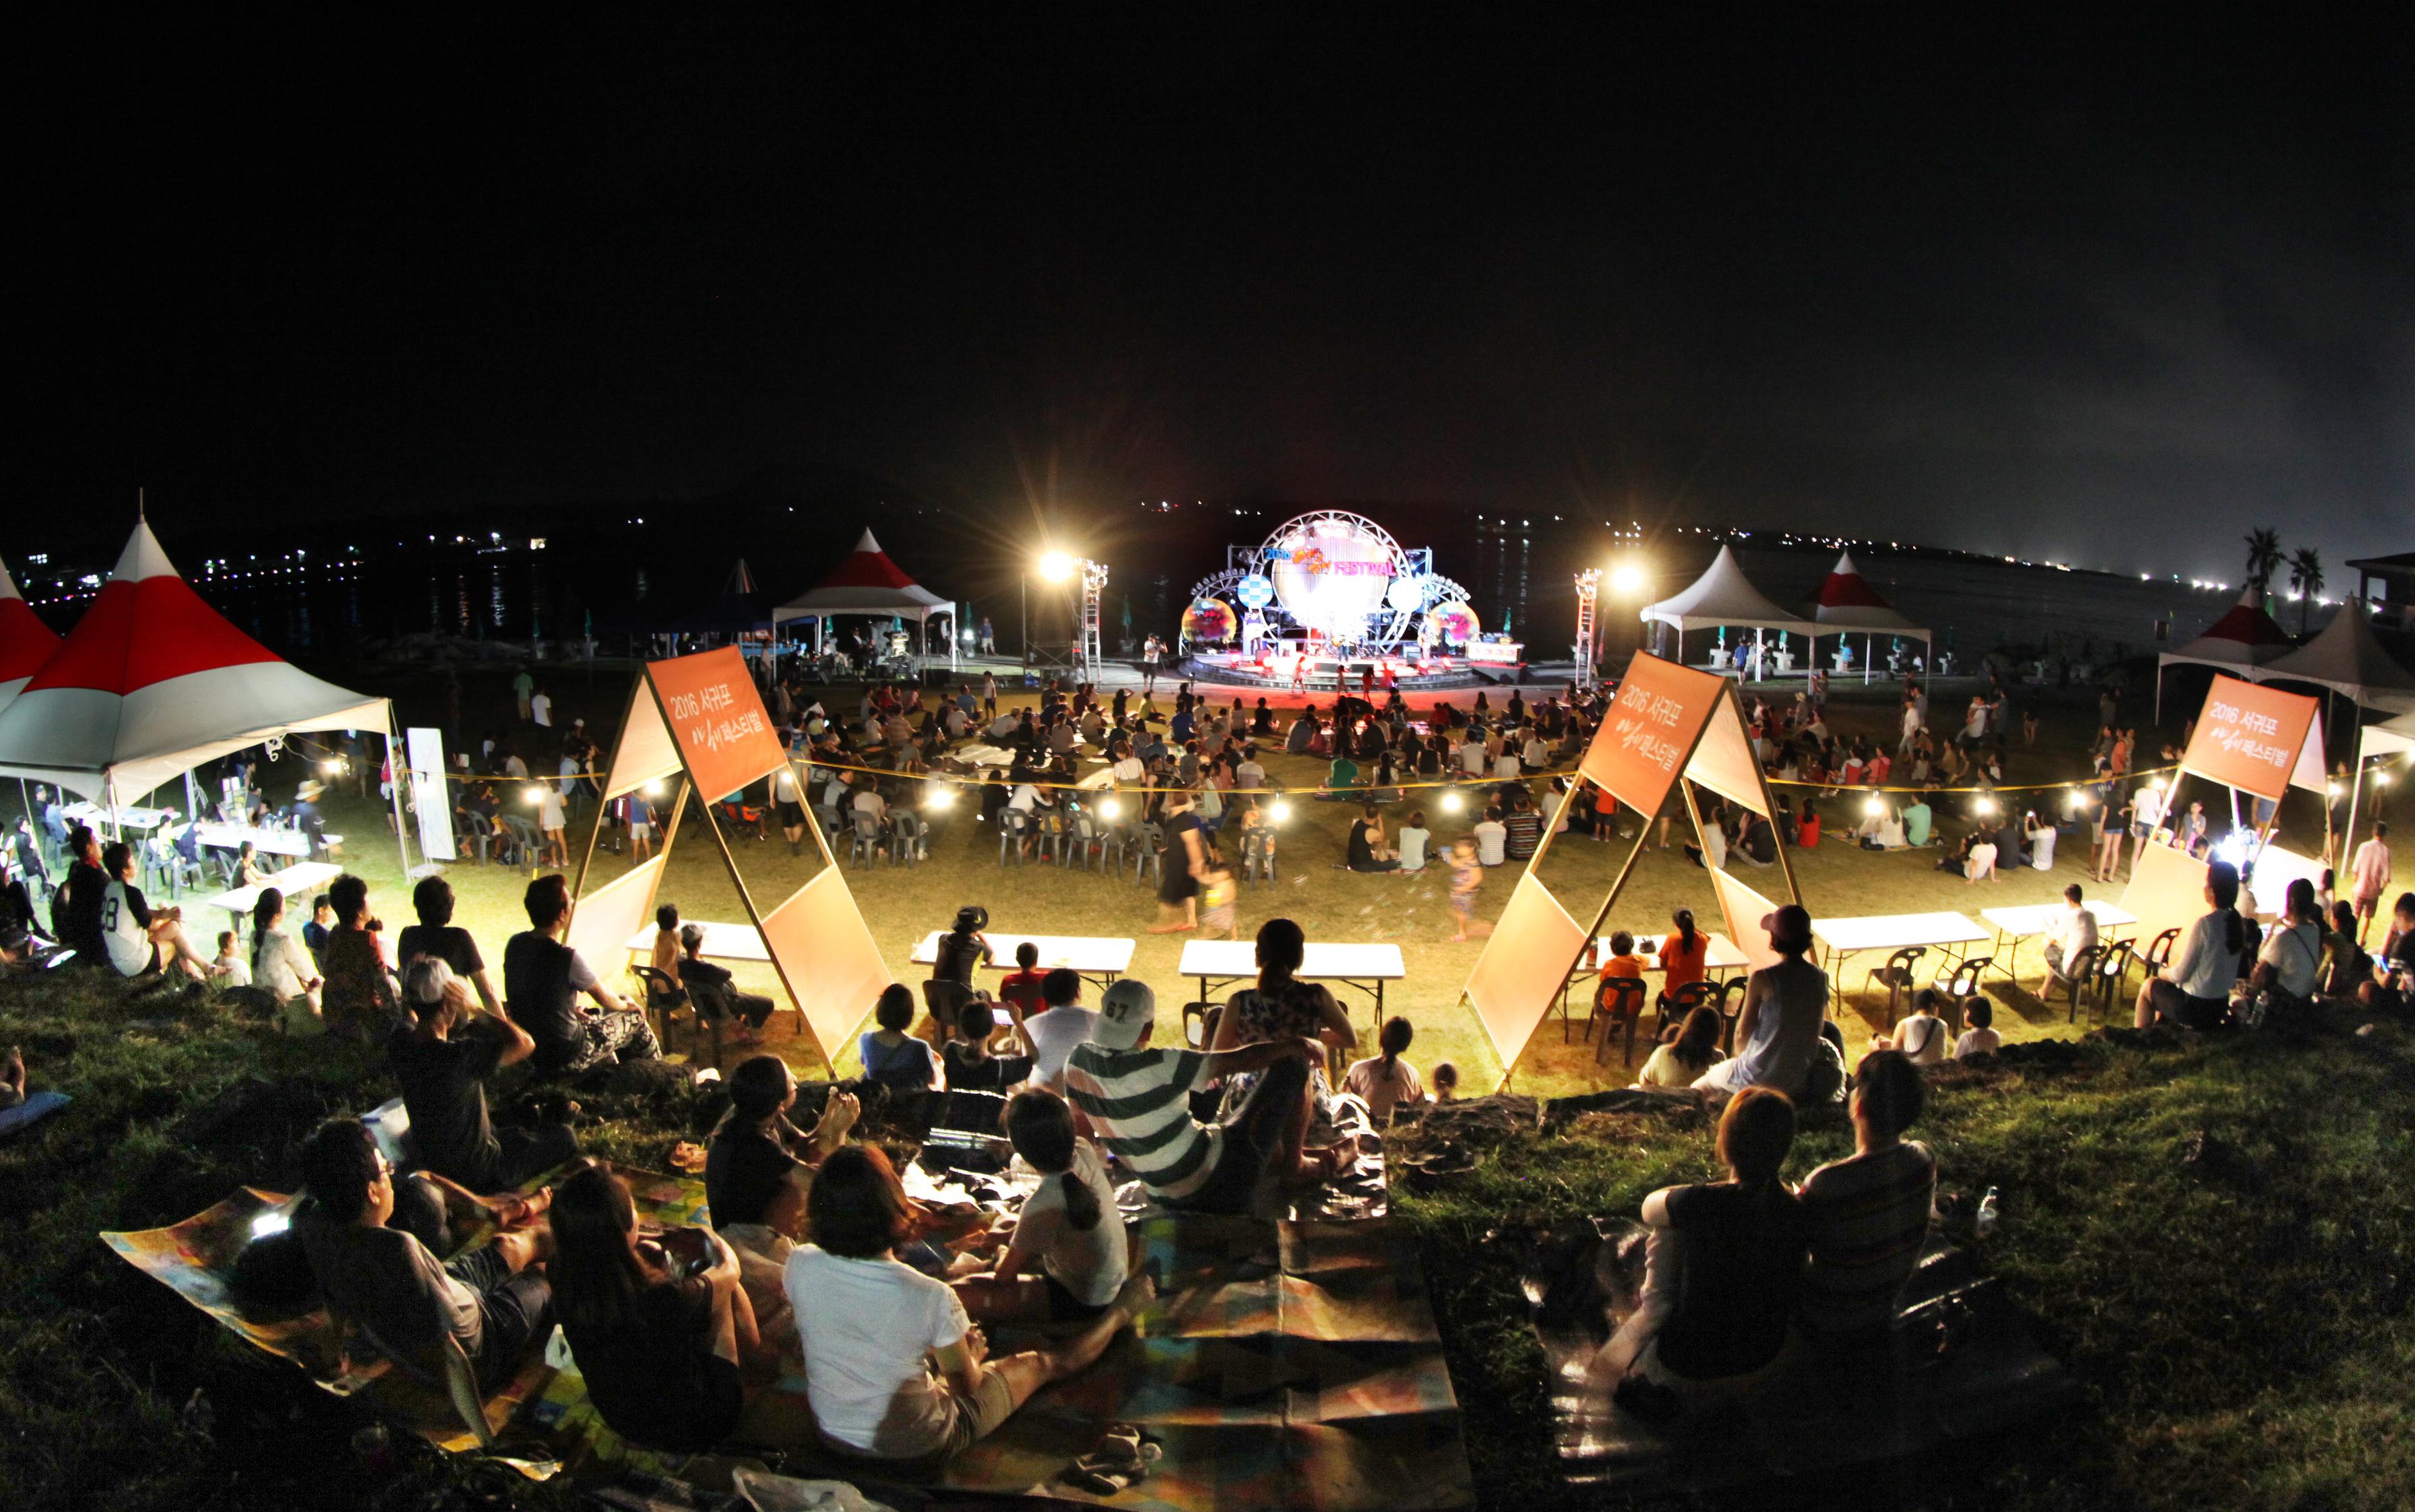 서귀포 야해(夜海)페스티벌,제주특별자치도 서귀포시,지역축제,축제정보